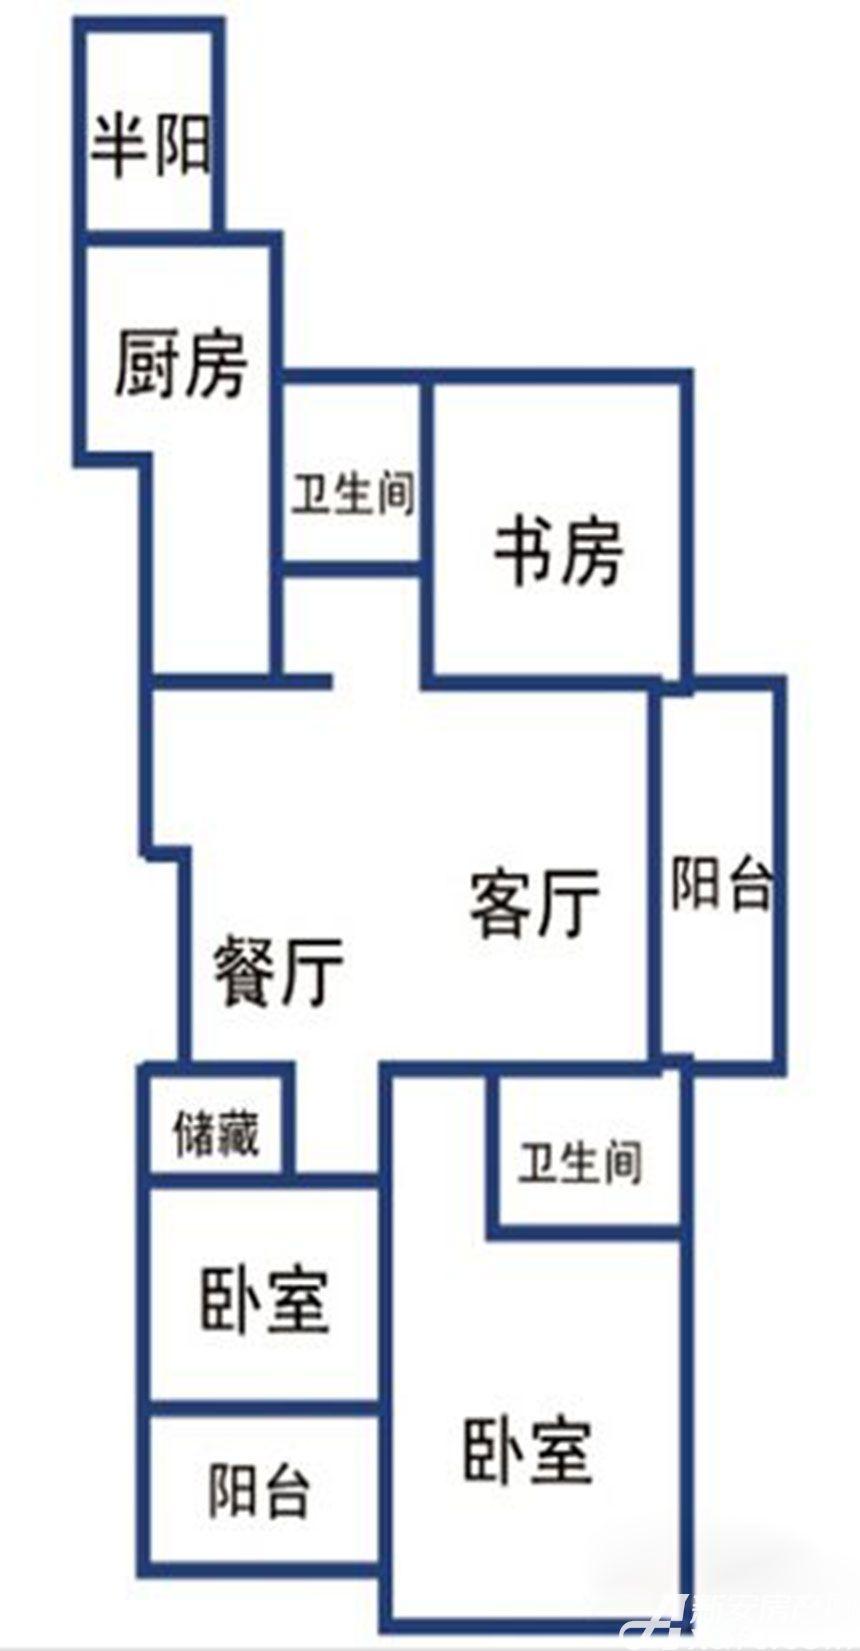 提香湾二期121㎡户型3室2厅121平米